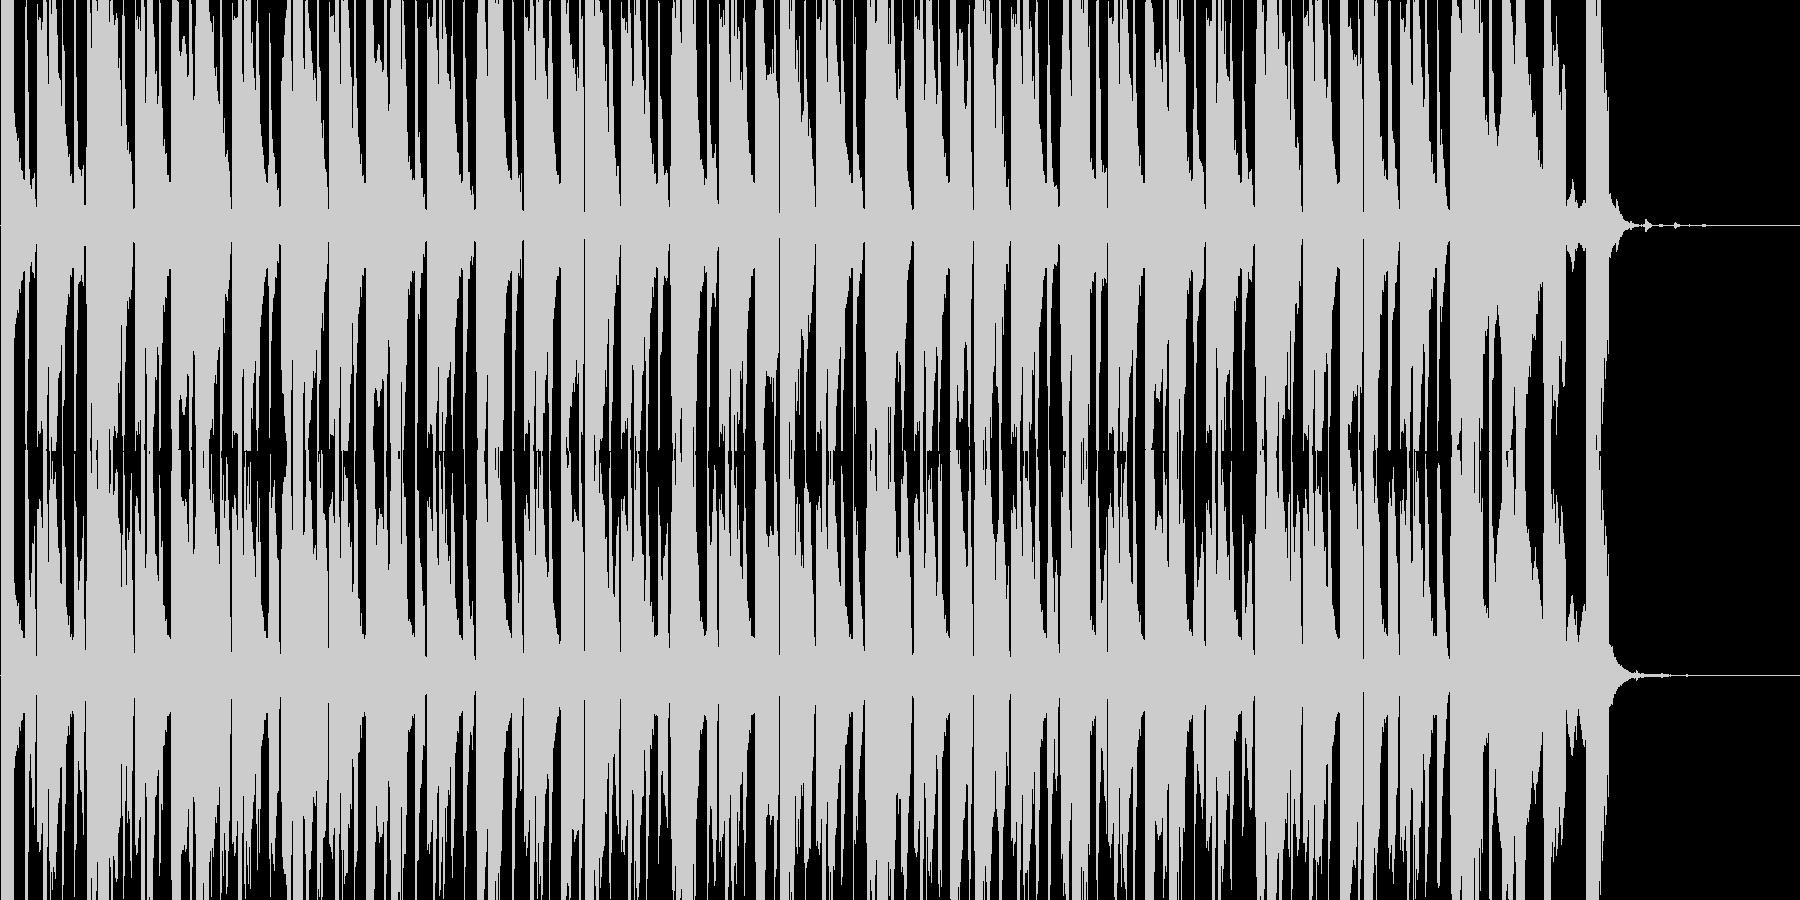 おっちょこちょい、間抜けをイメージした…の未再生の波形